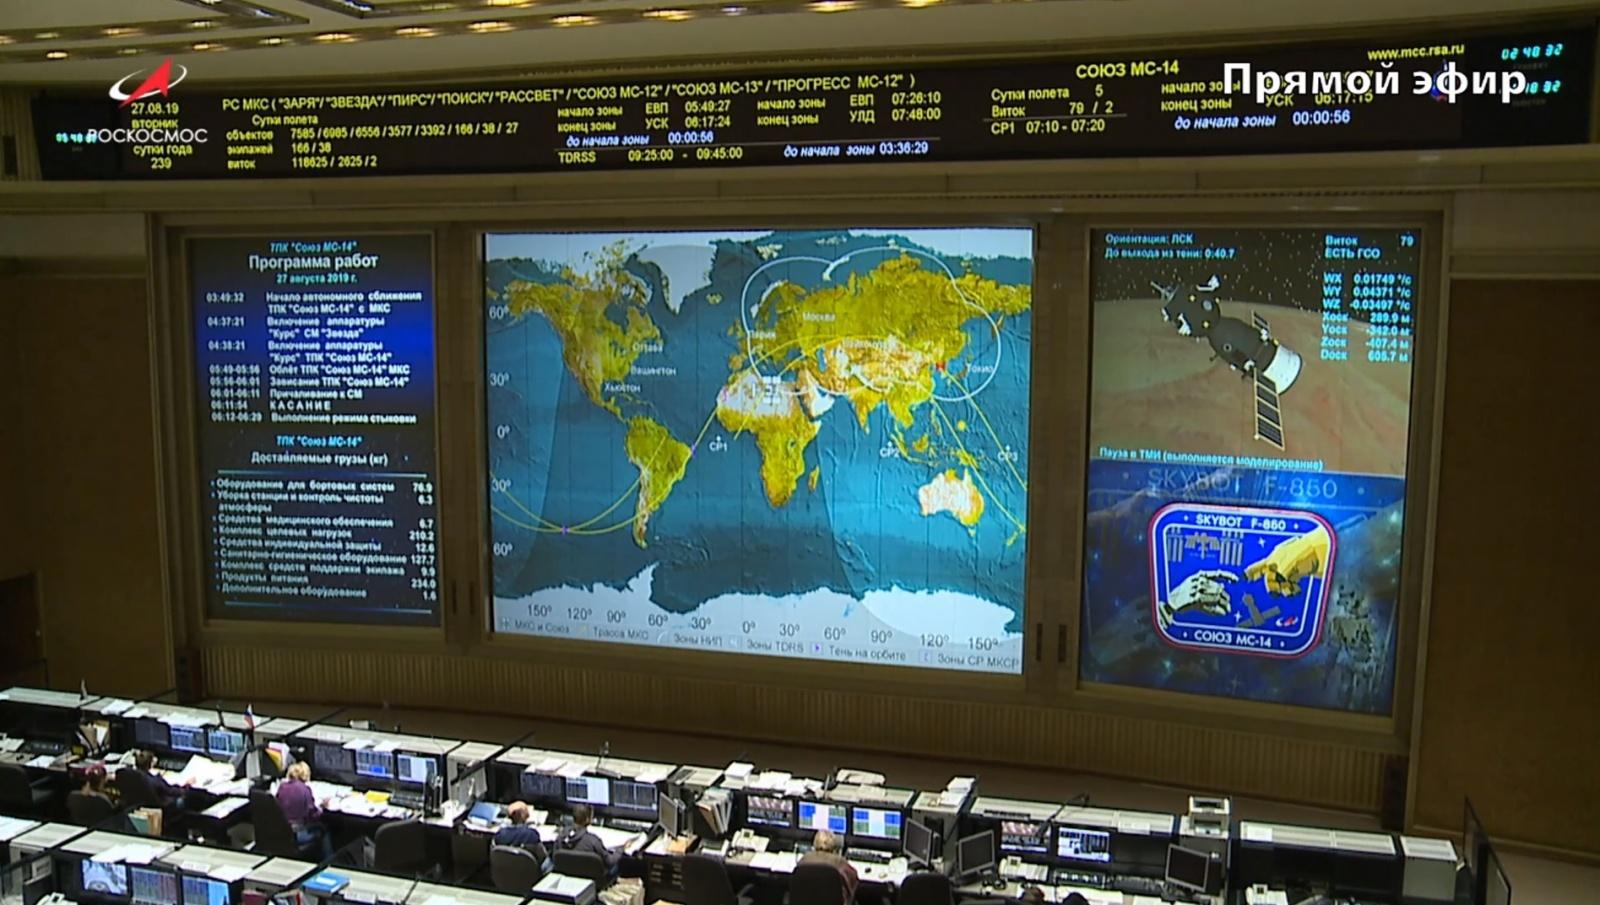 Корабль «Союз МС-14» с роботом FEDOR успешно пристыковался к МКС со второй попытки - 3